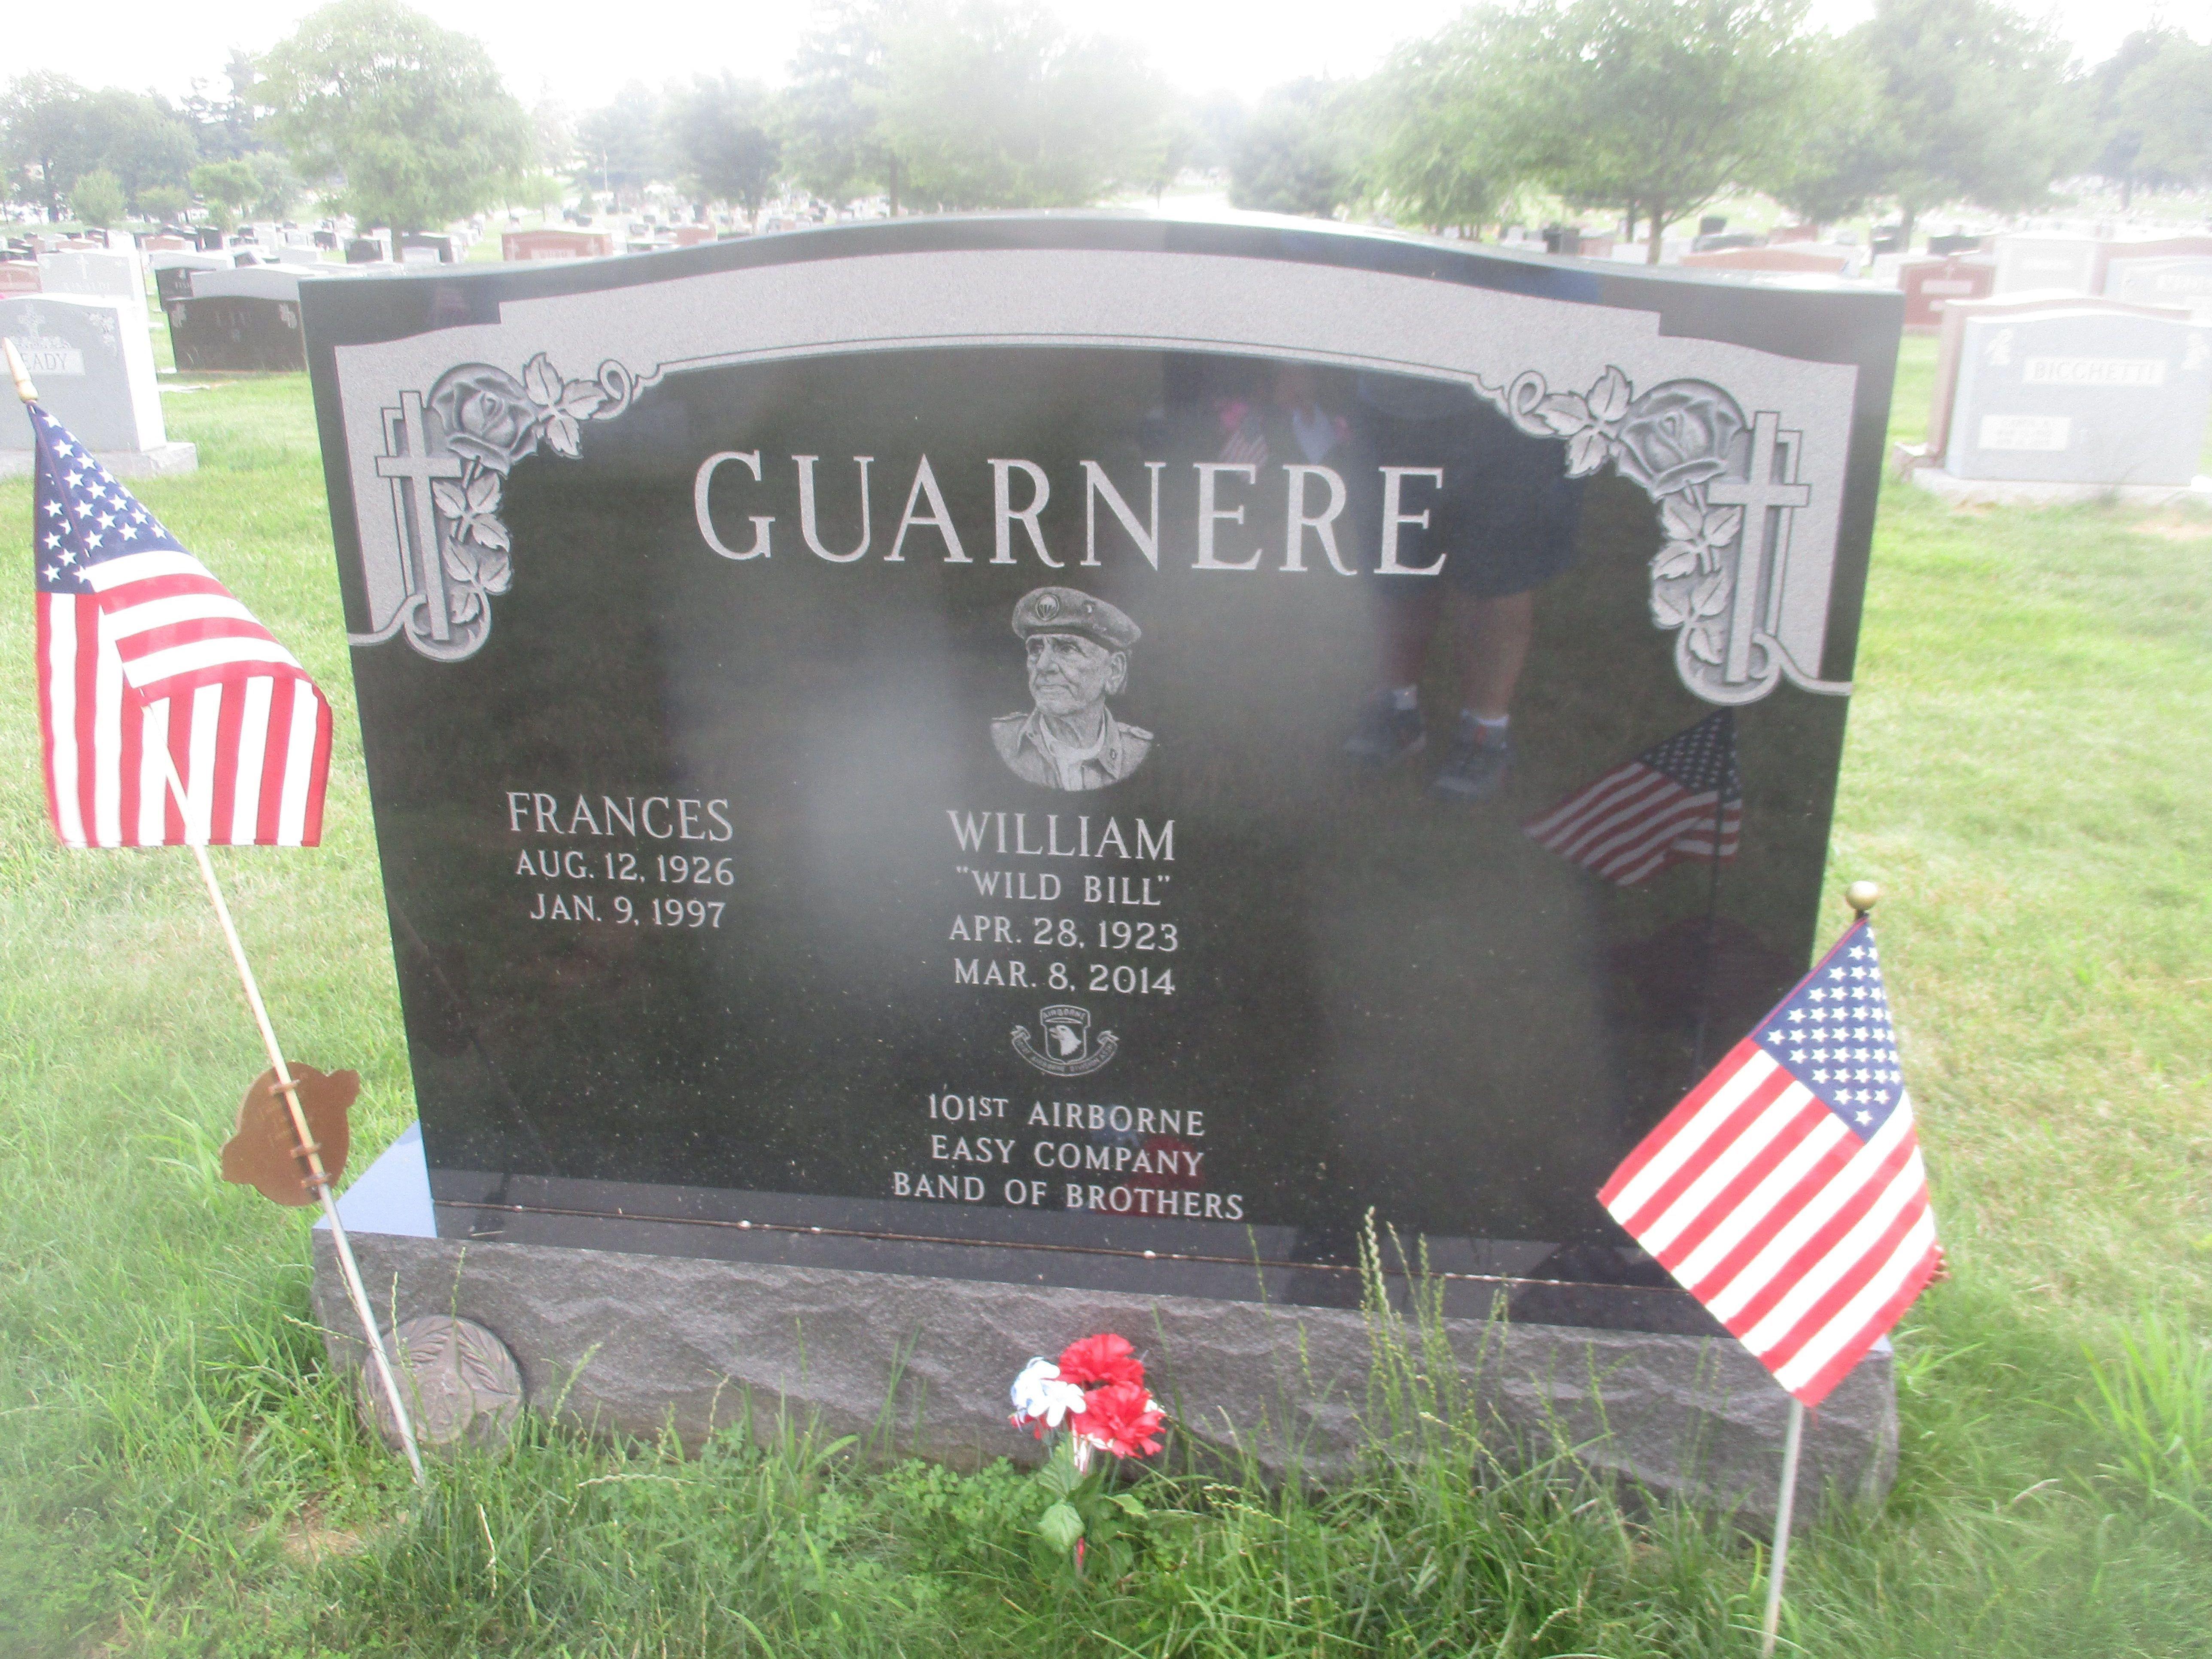 William J. Wild Bill Guarnere, Sr